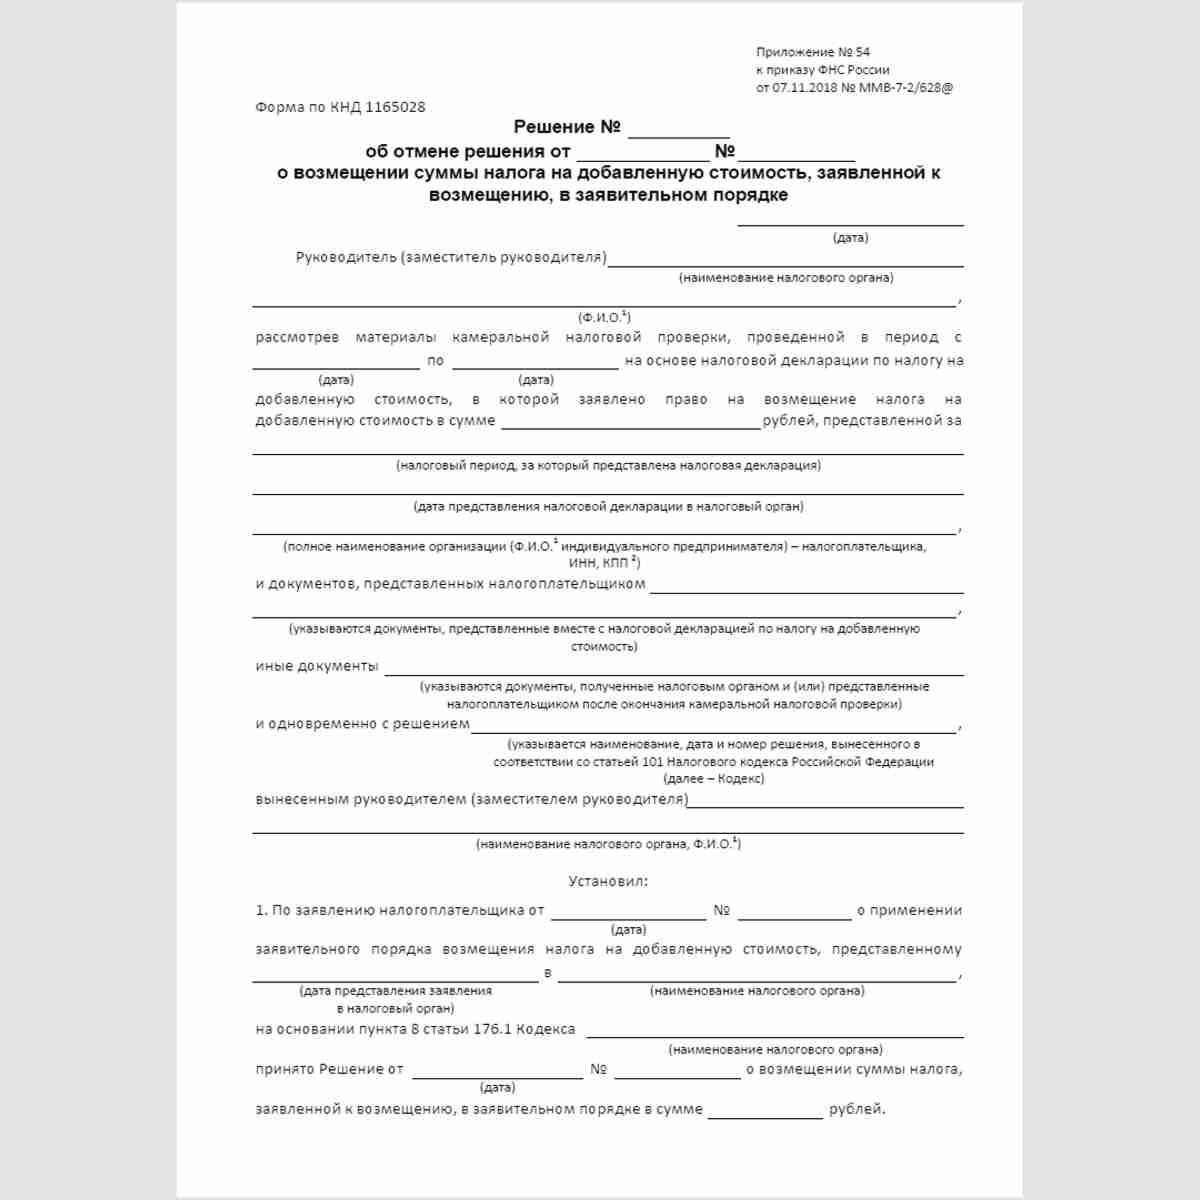 """Форма КНД 1165028 """"Решение об отмене решения о возмещении суммы налога на добавленную стоимость, заявленной к возмещению, в заявительном порядке"""". Стр. 1"""